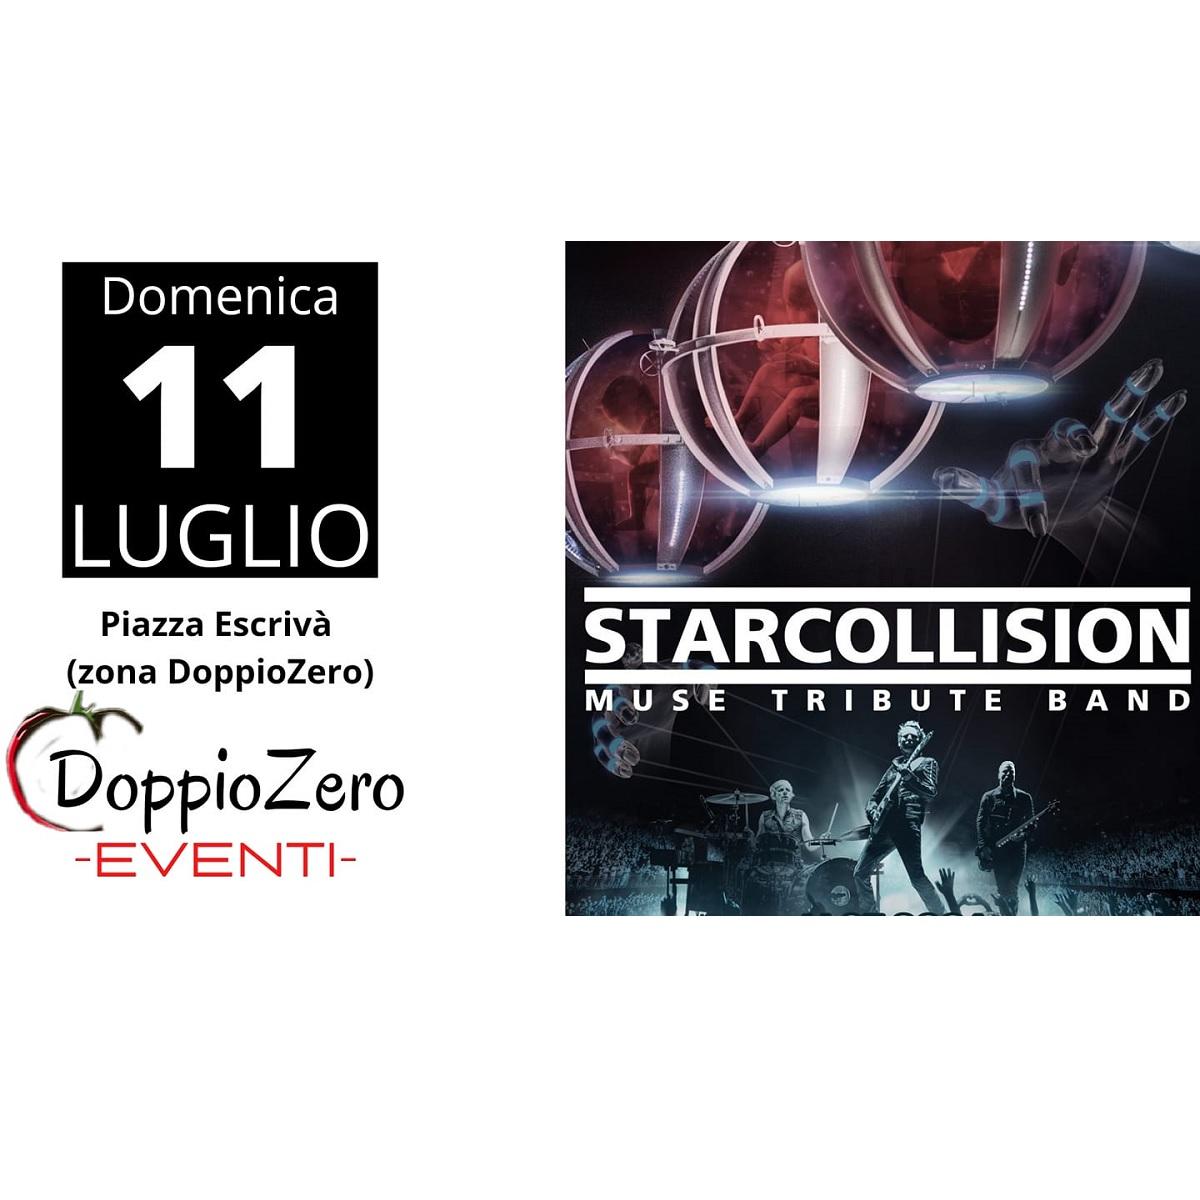 StarCollision - Muse Tribute Band 11 luglio 2021 foto